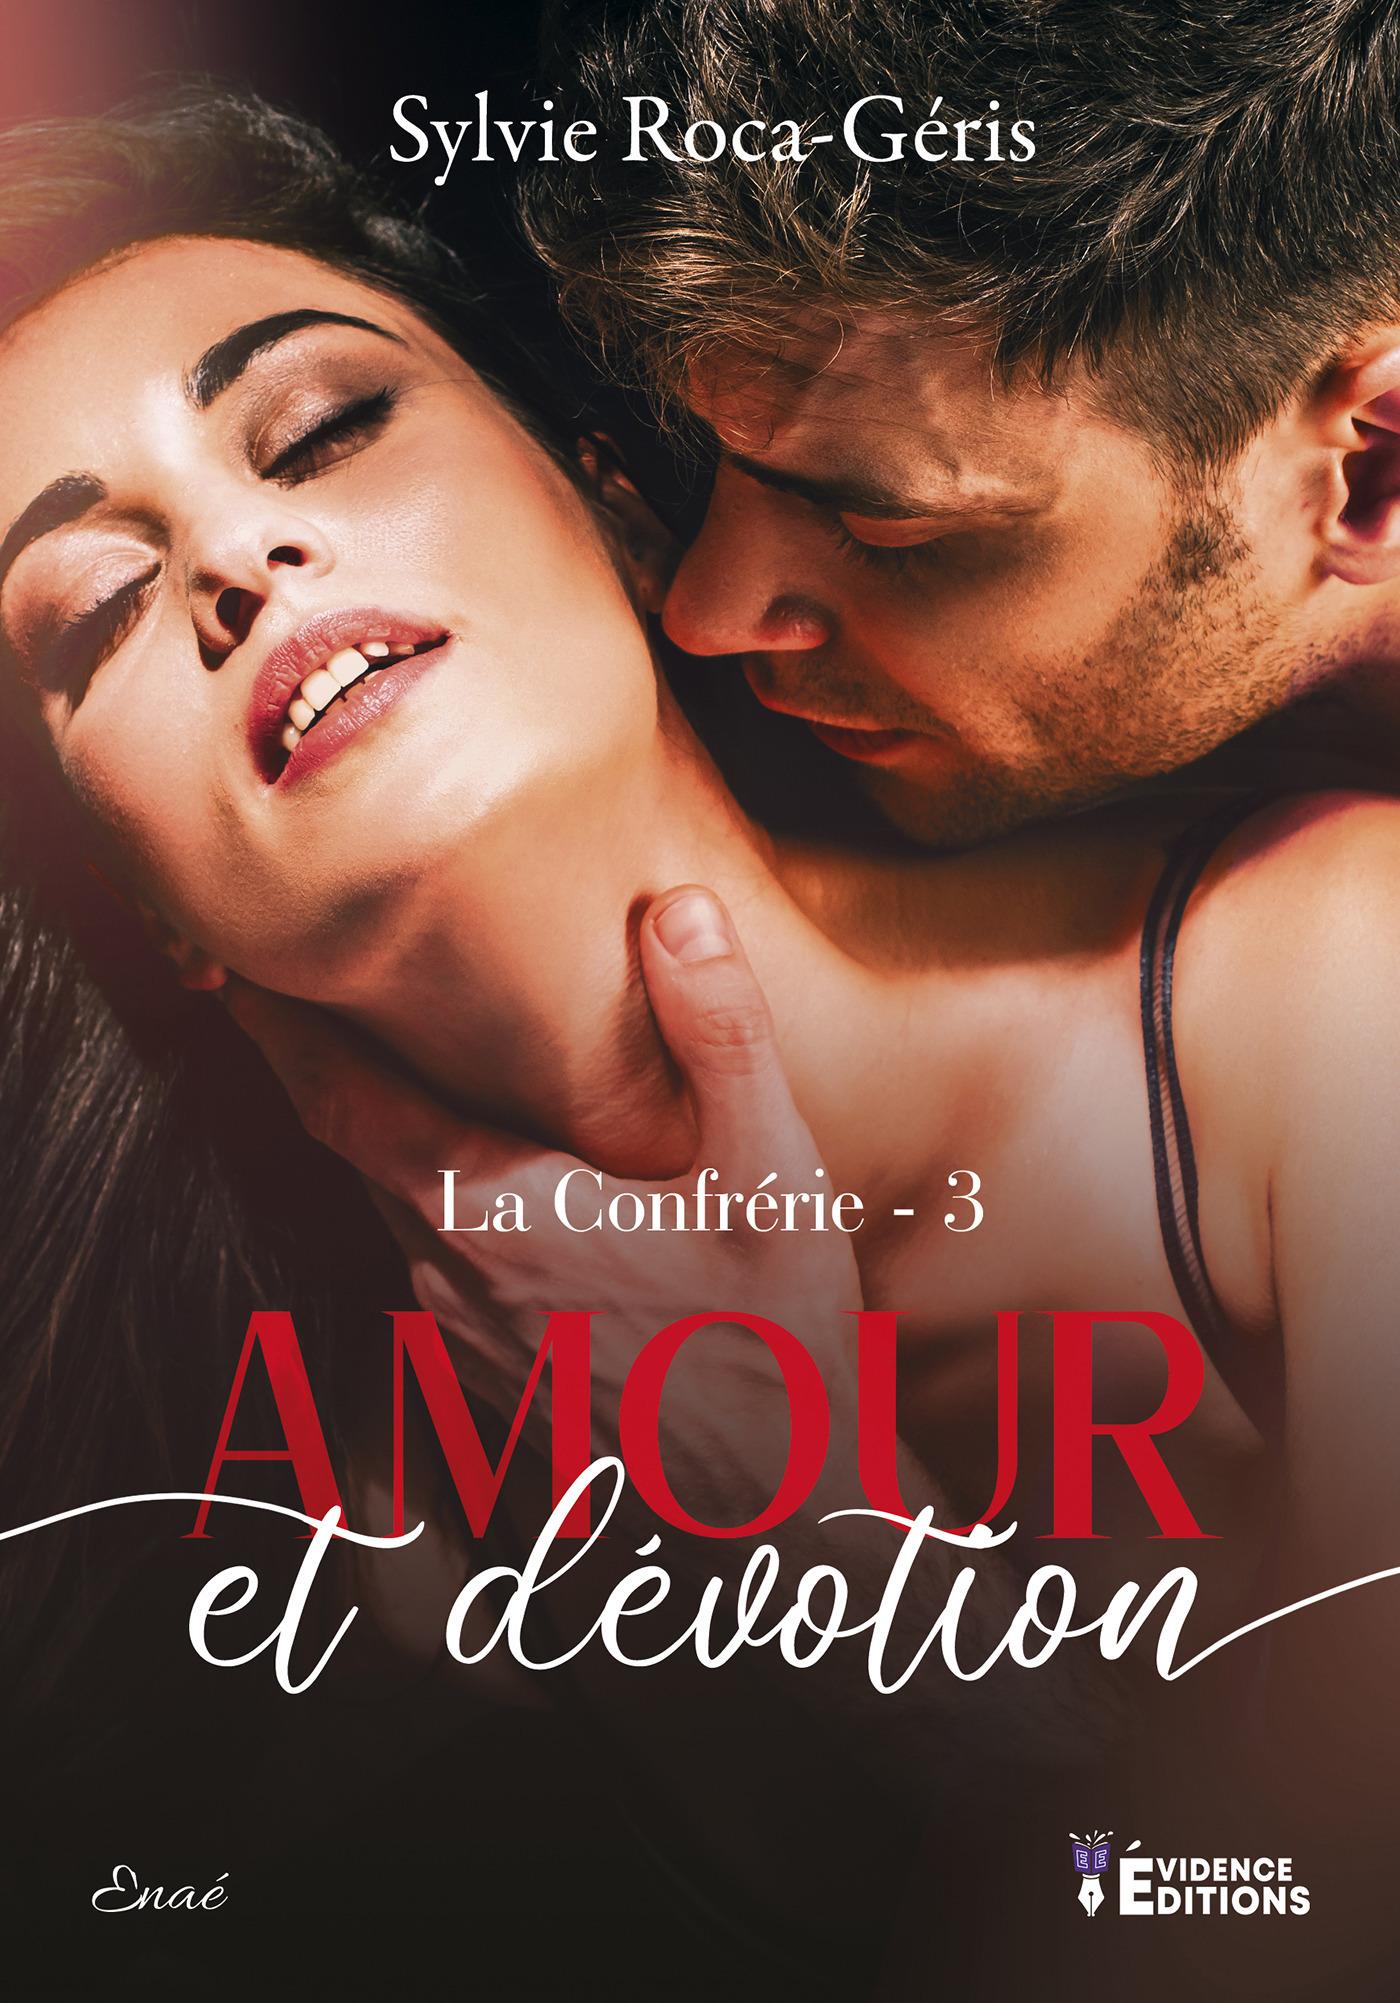 La confrerie tome 3 - amour & devotion